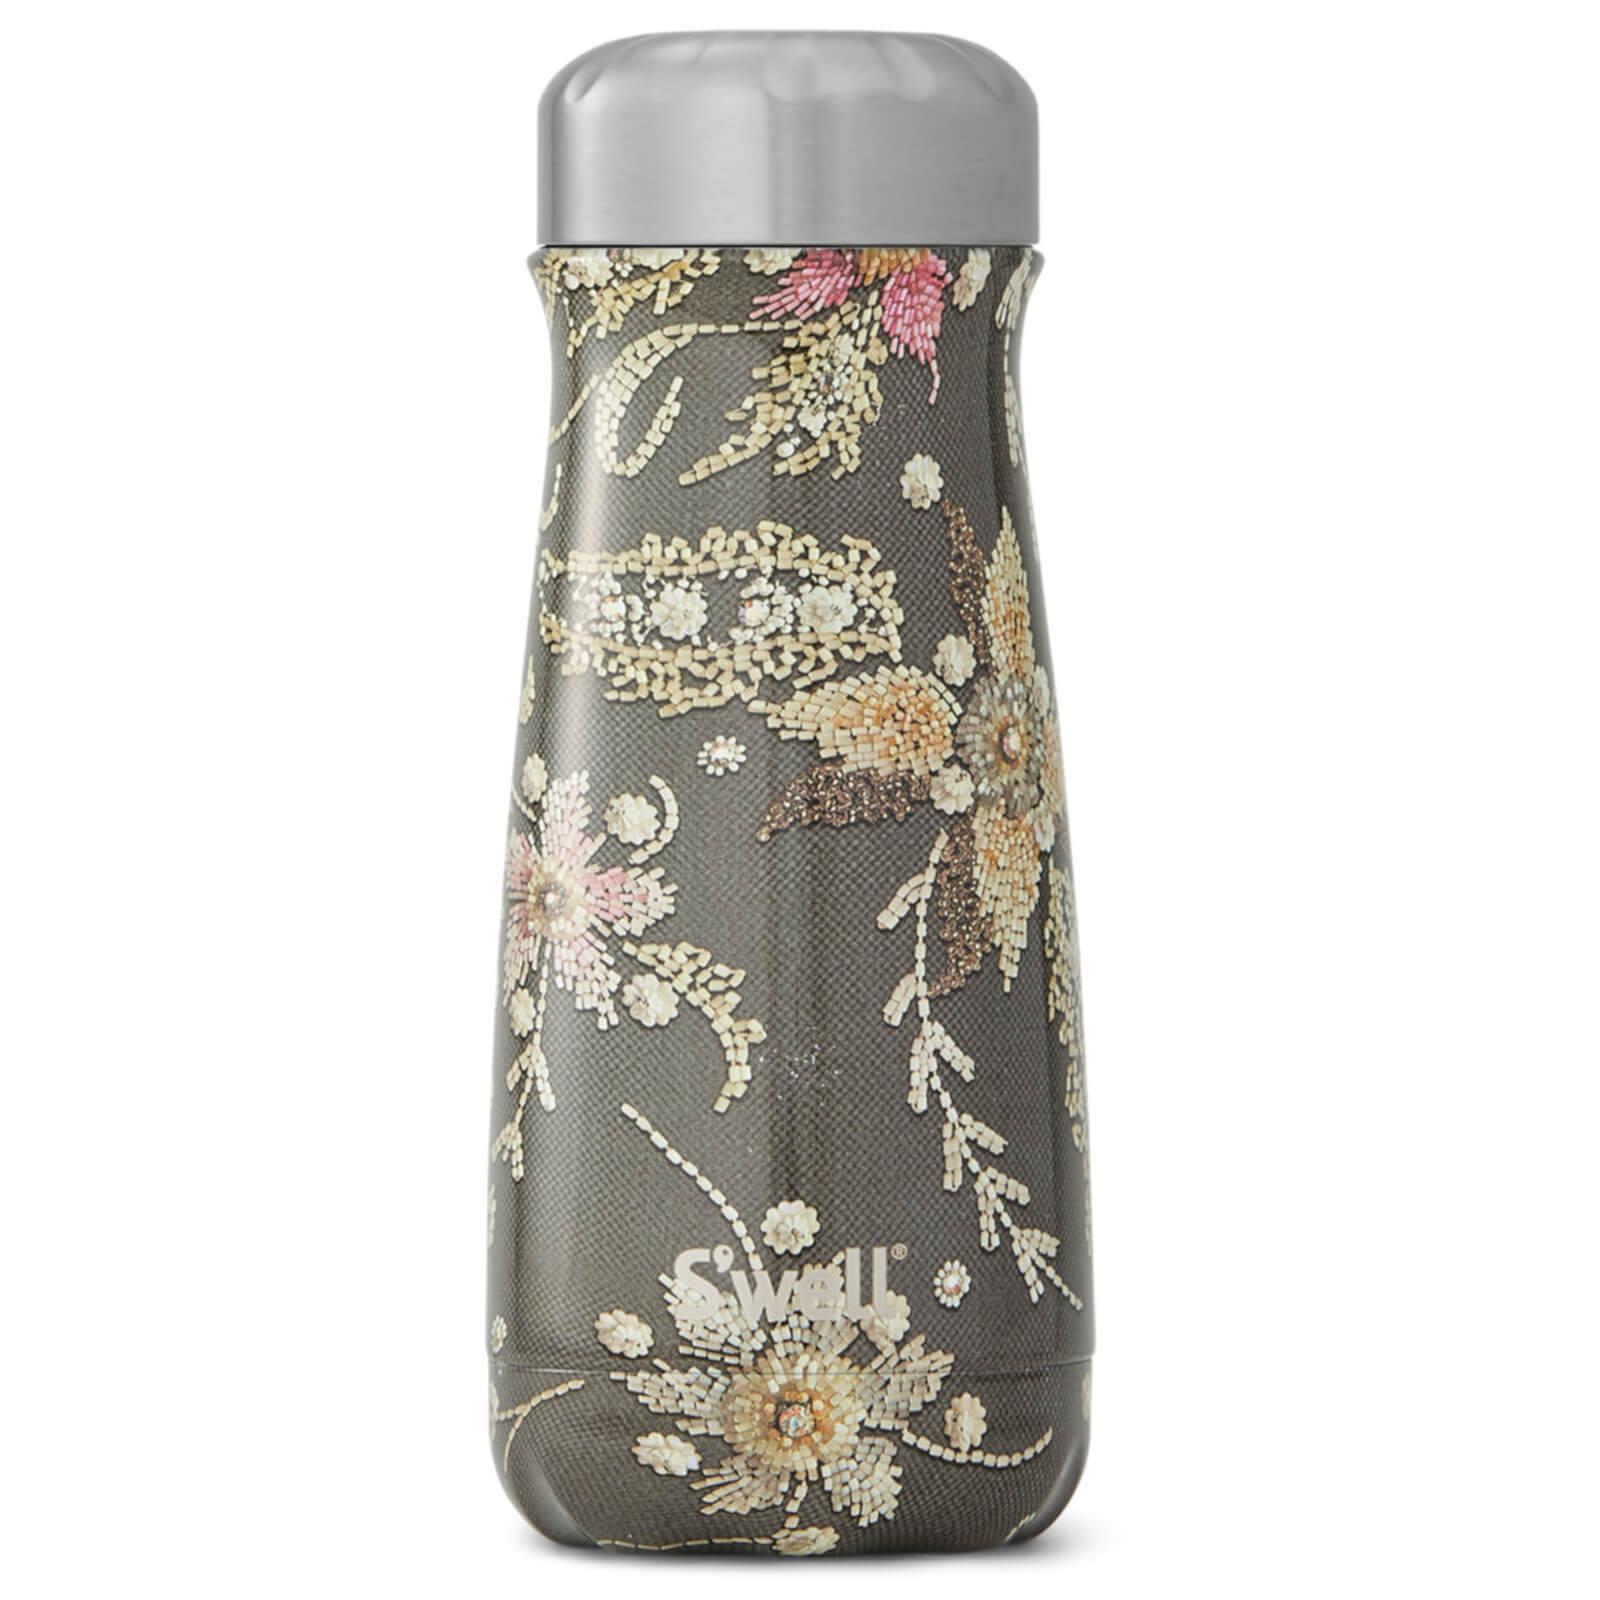 S'well Sequin Antique Belle Water Bottle - 470ml